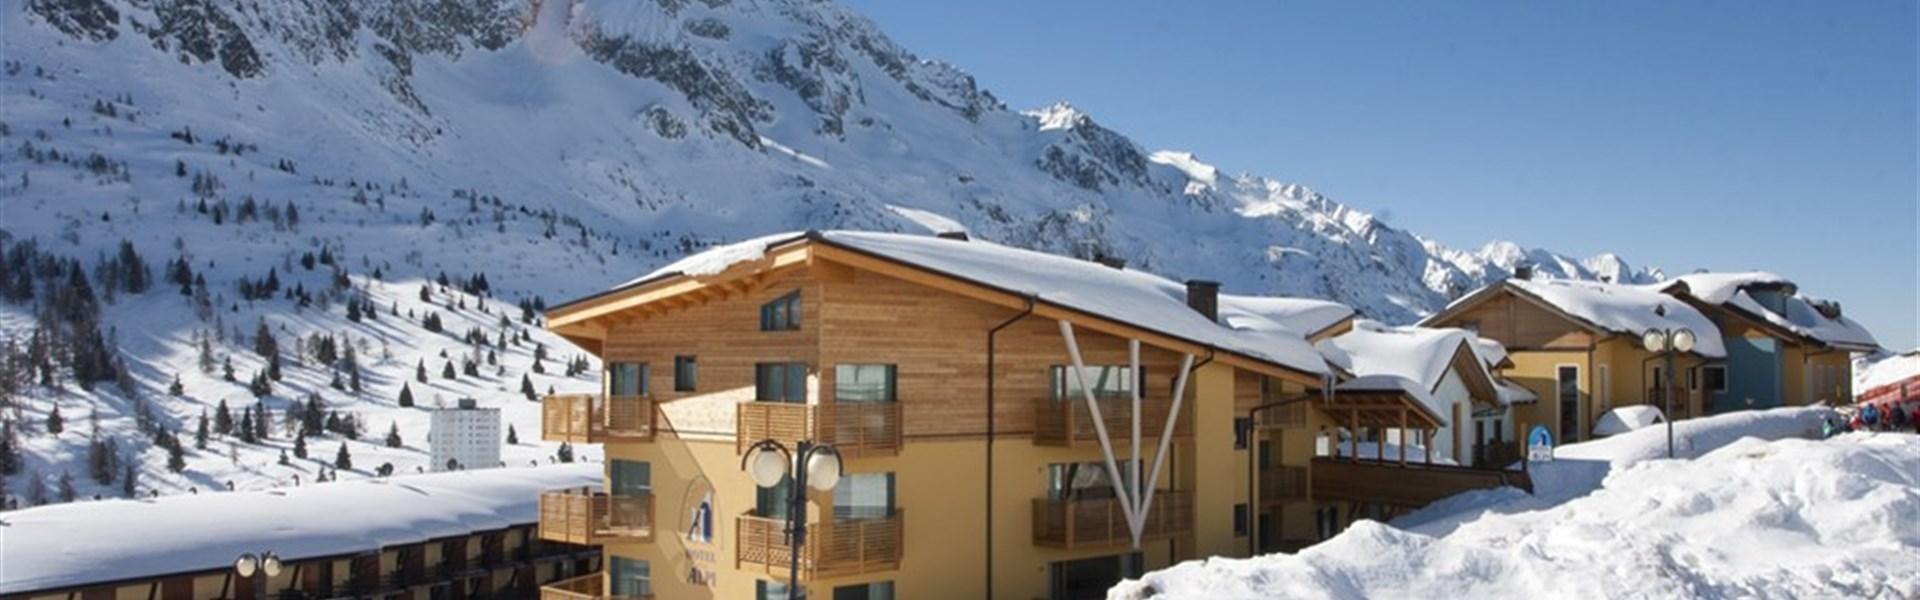 Hotel Delle Alpi -